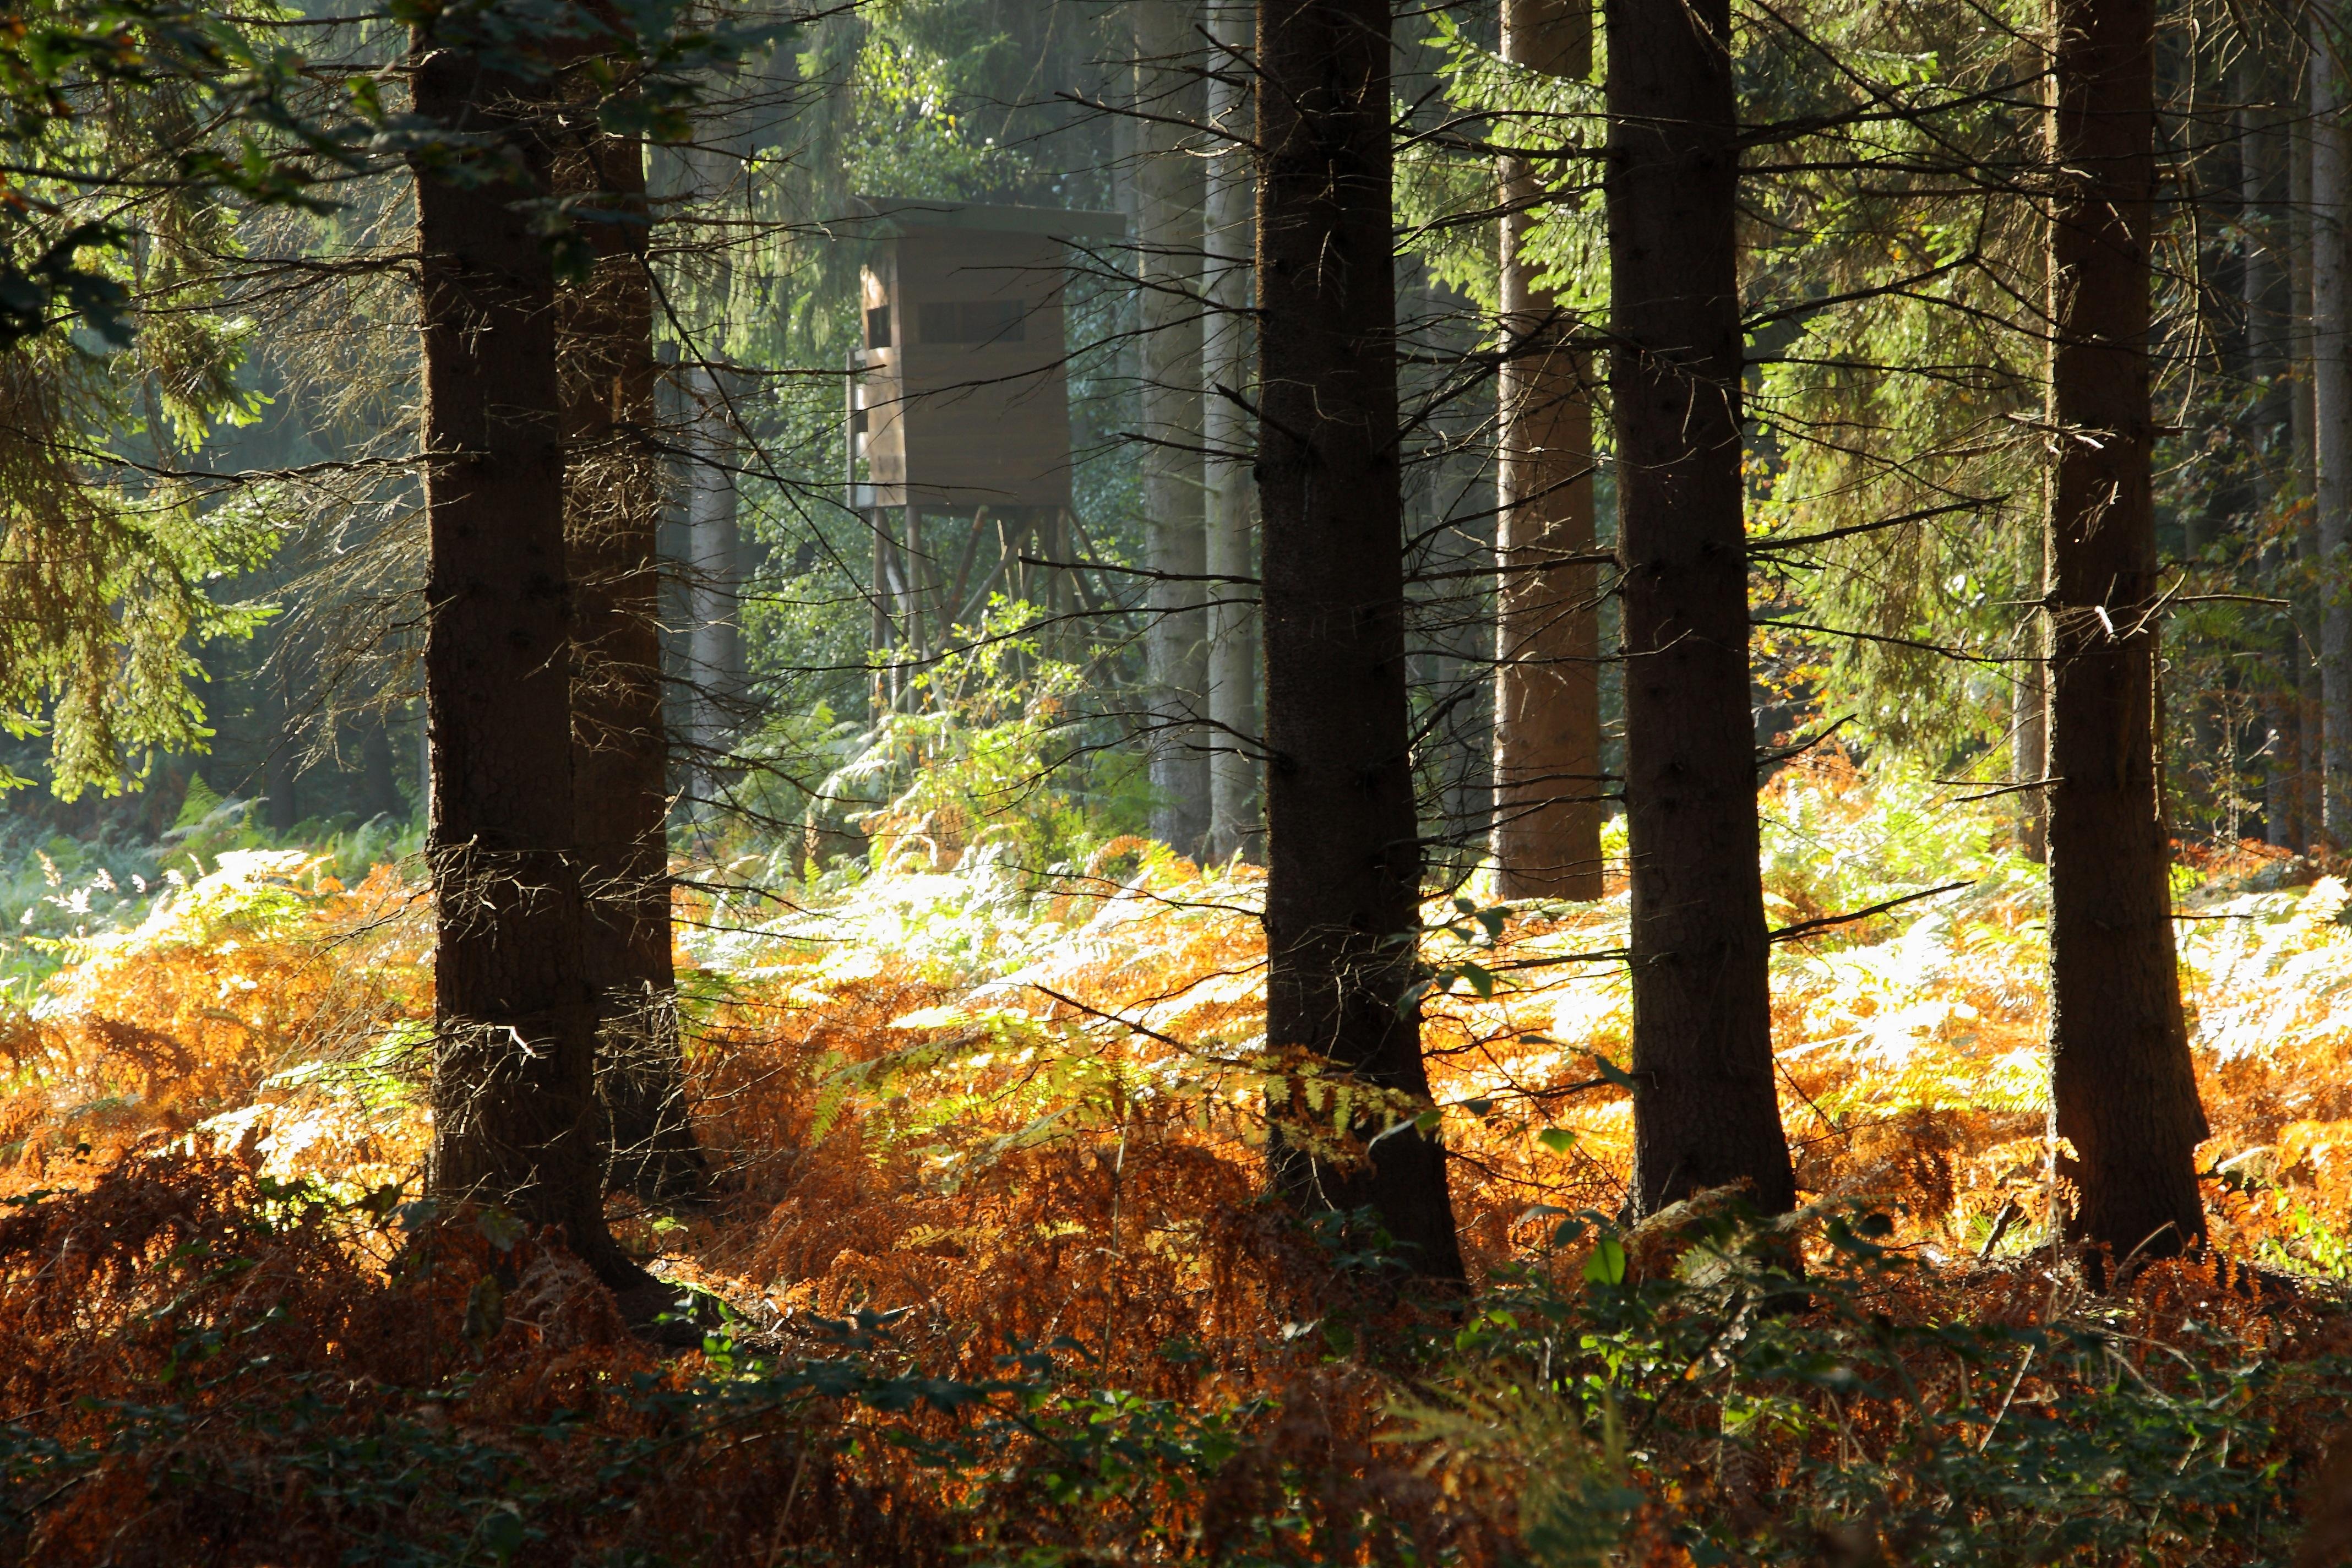 images gratuites arbre la nature r gion sauvage plante piste lumi re du soleil feuille. Black Bedroom Furniture Sets. Home Design Ideas